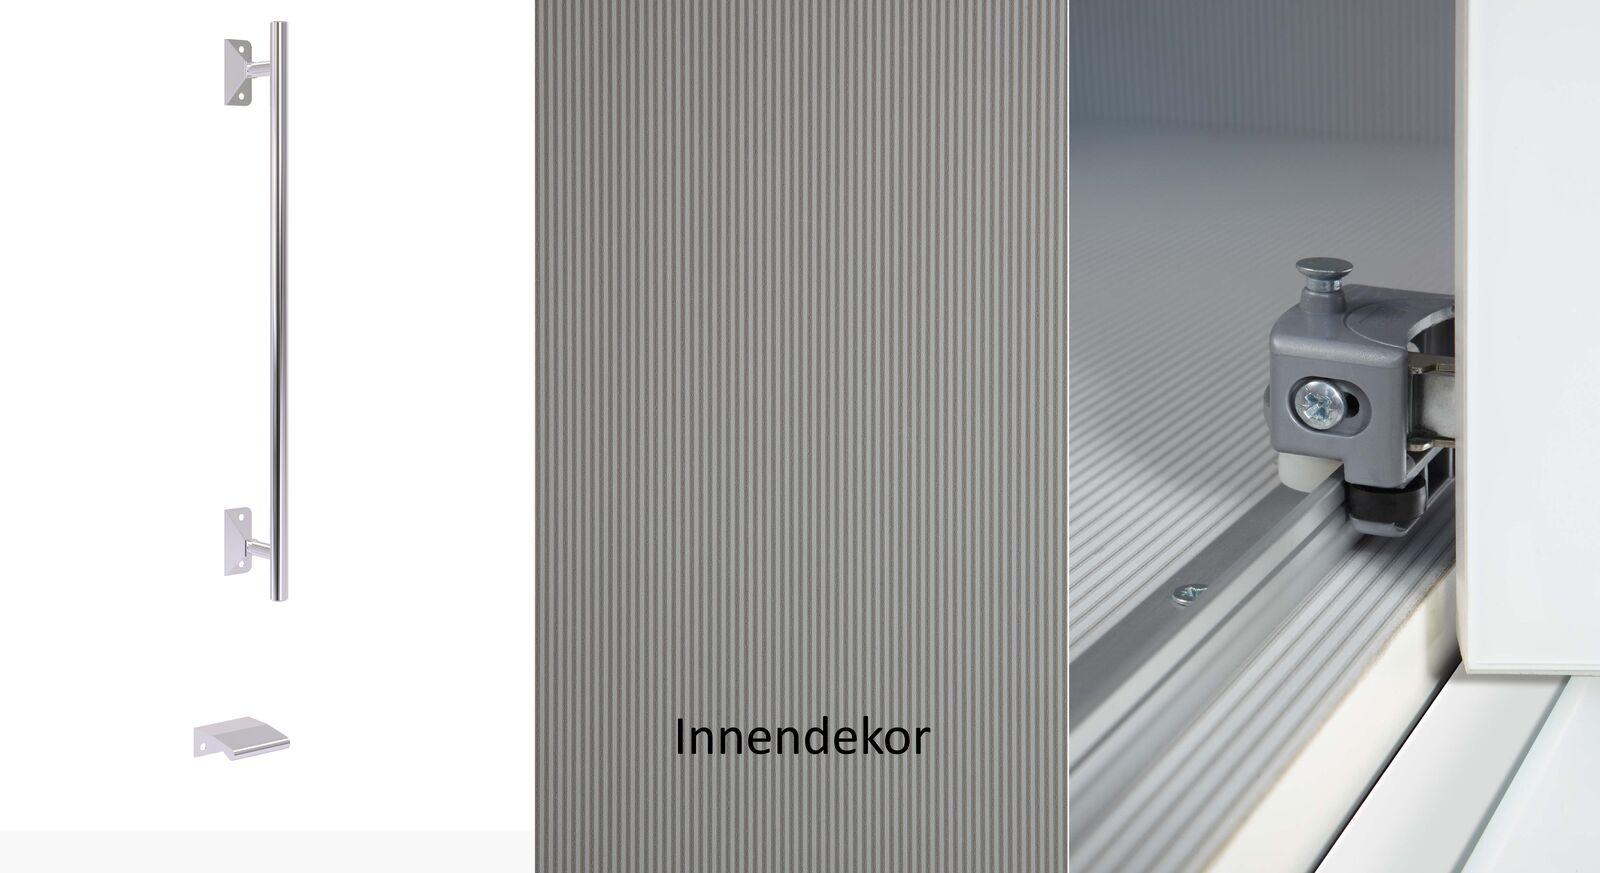 Funktions-Kleiderschrank Salford mit hochwertiger Verarbeitung